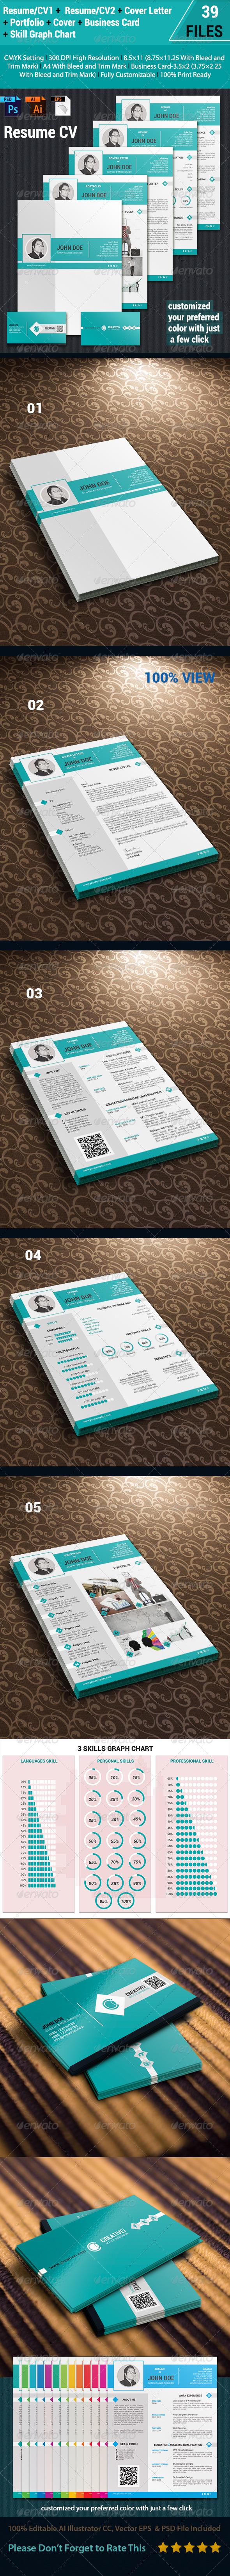 GraphicRiver Resume CV 6840991